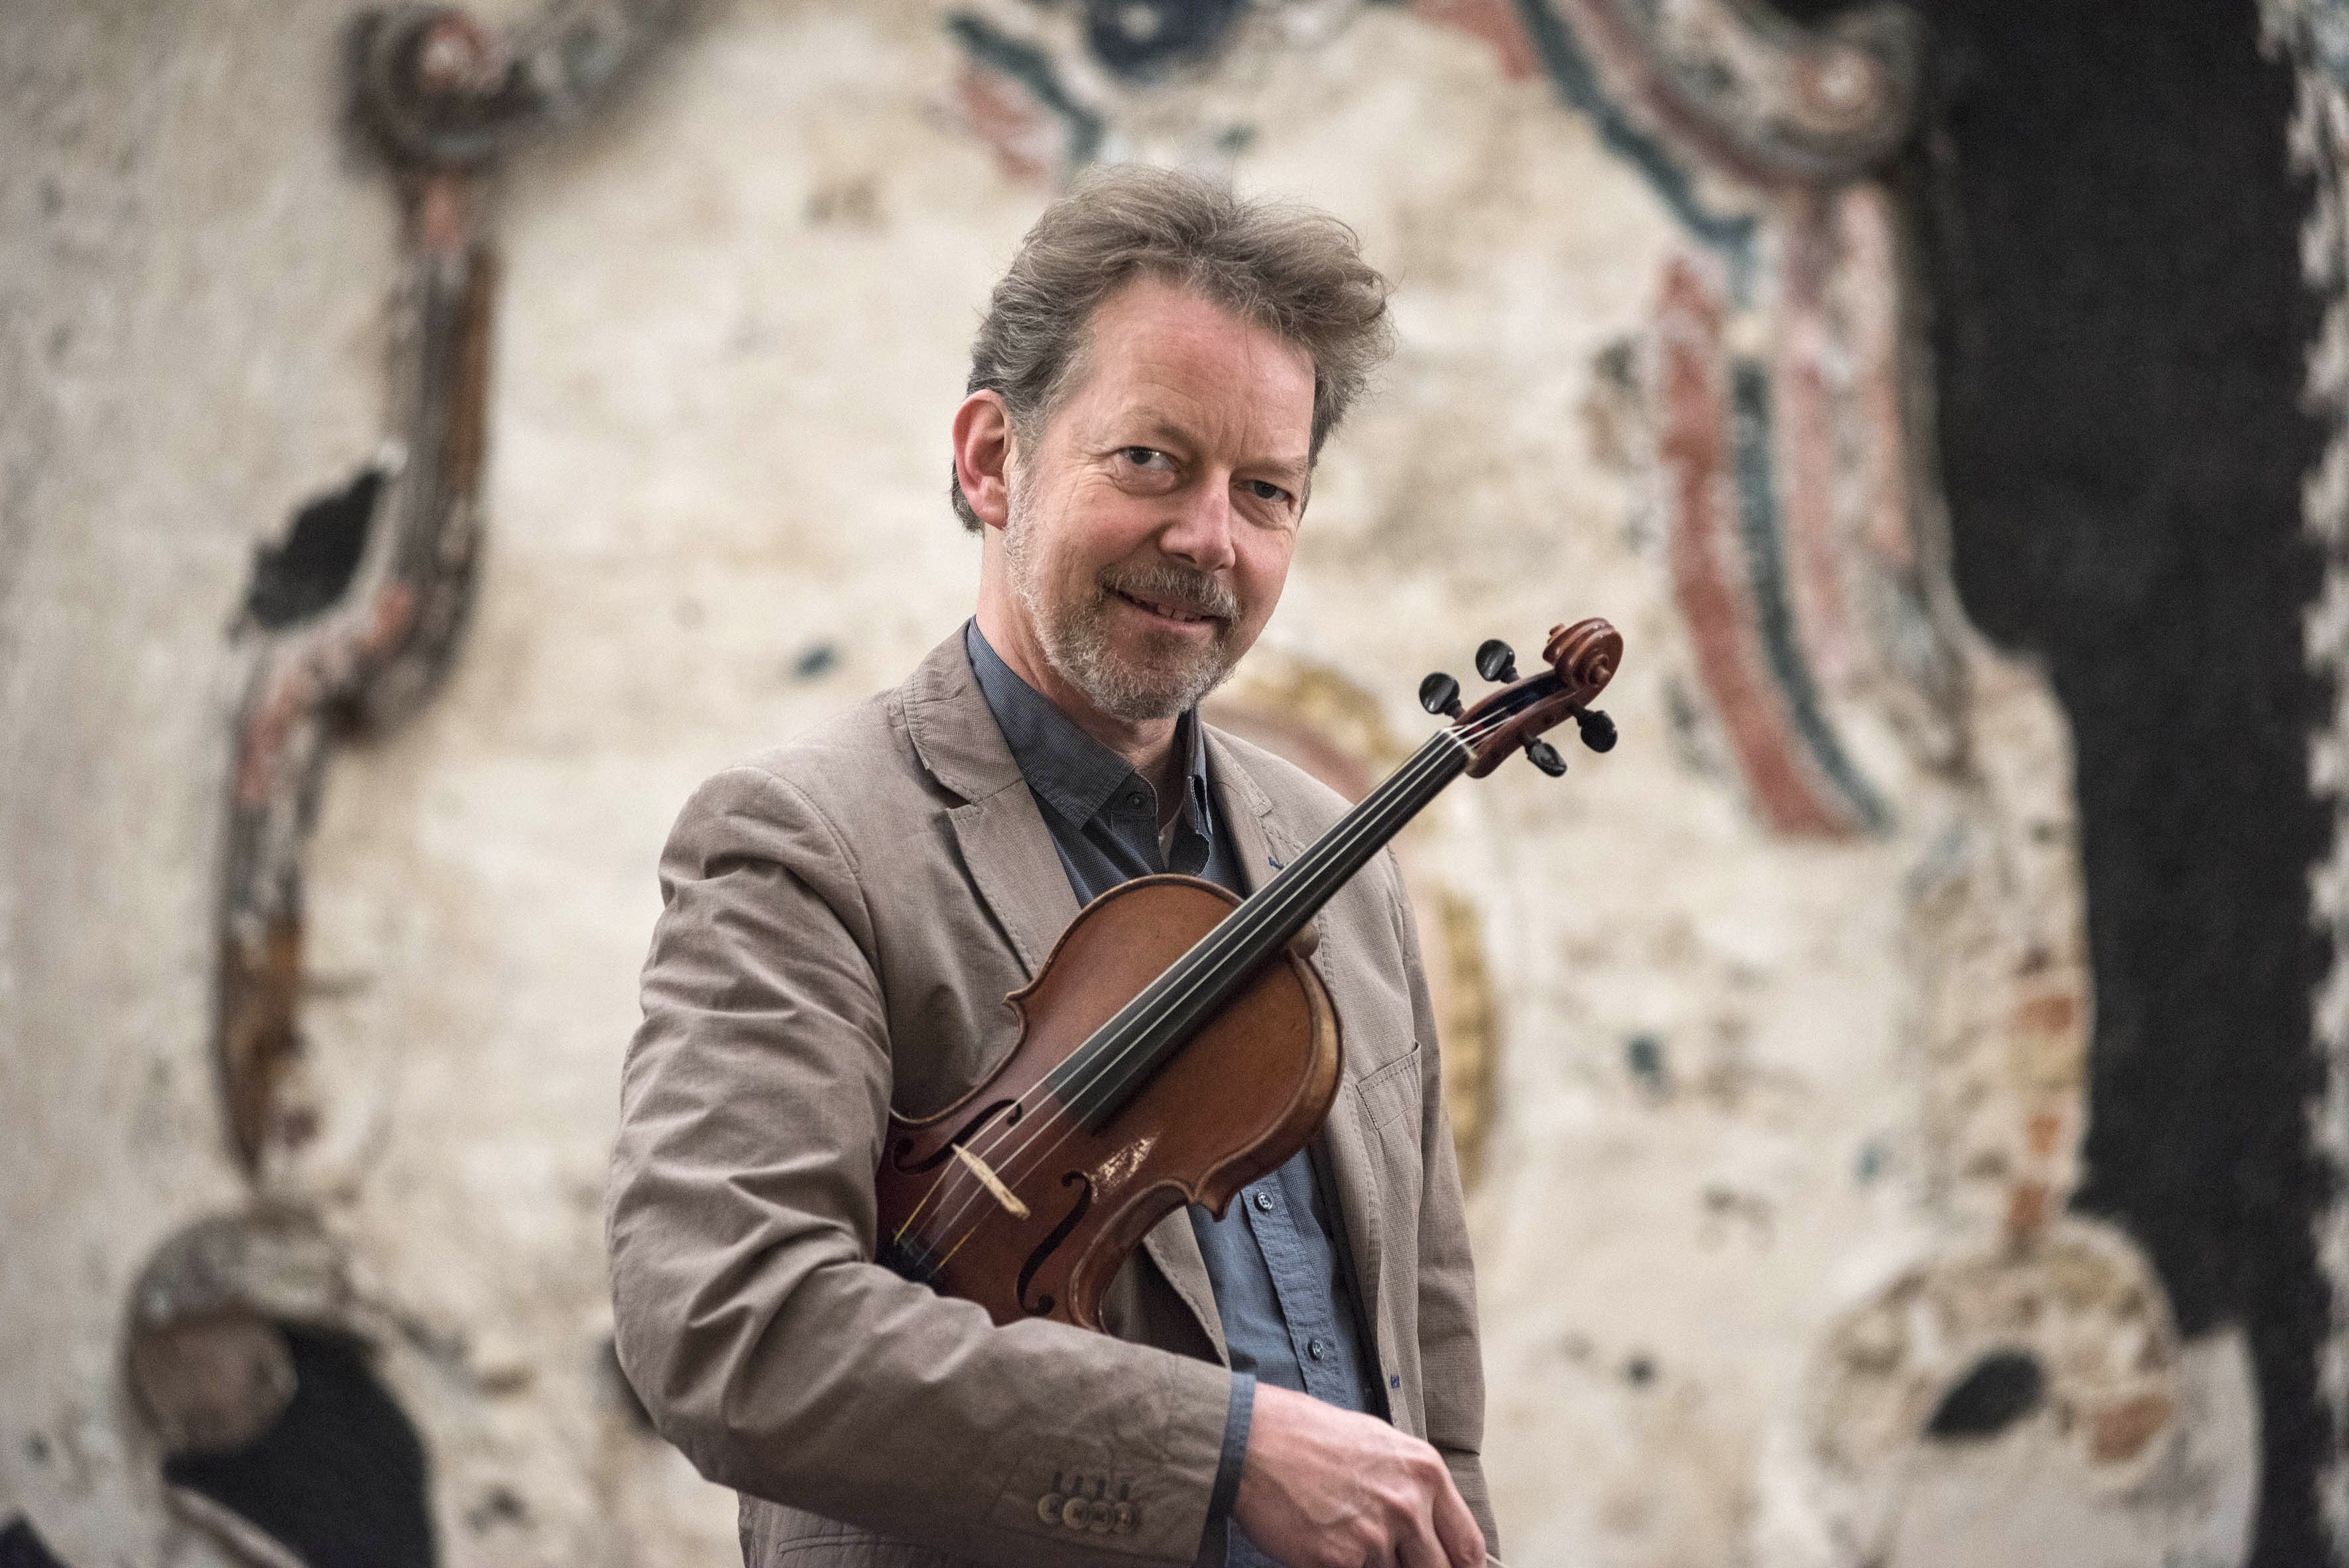 Ingolf Turban